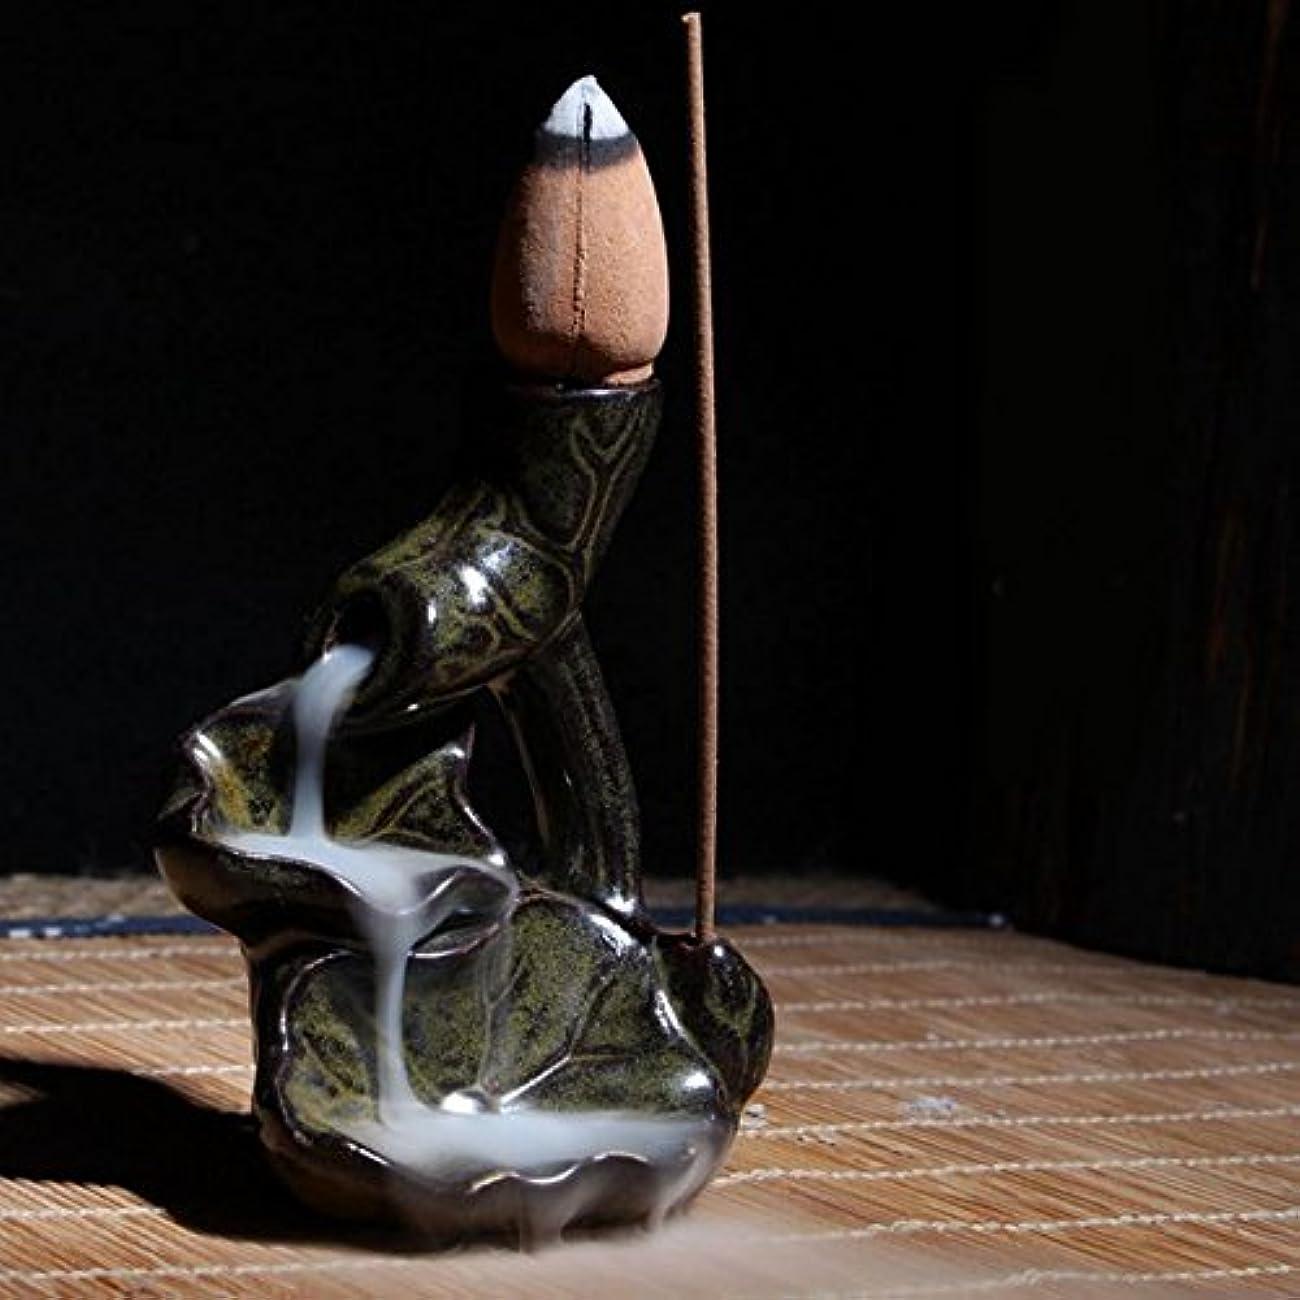 疾患遵守するタップ香炉ホルダー – 1 Piece Water LilyセラミックGlaze逆流香炉ホルダーコーン香立てホーム